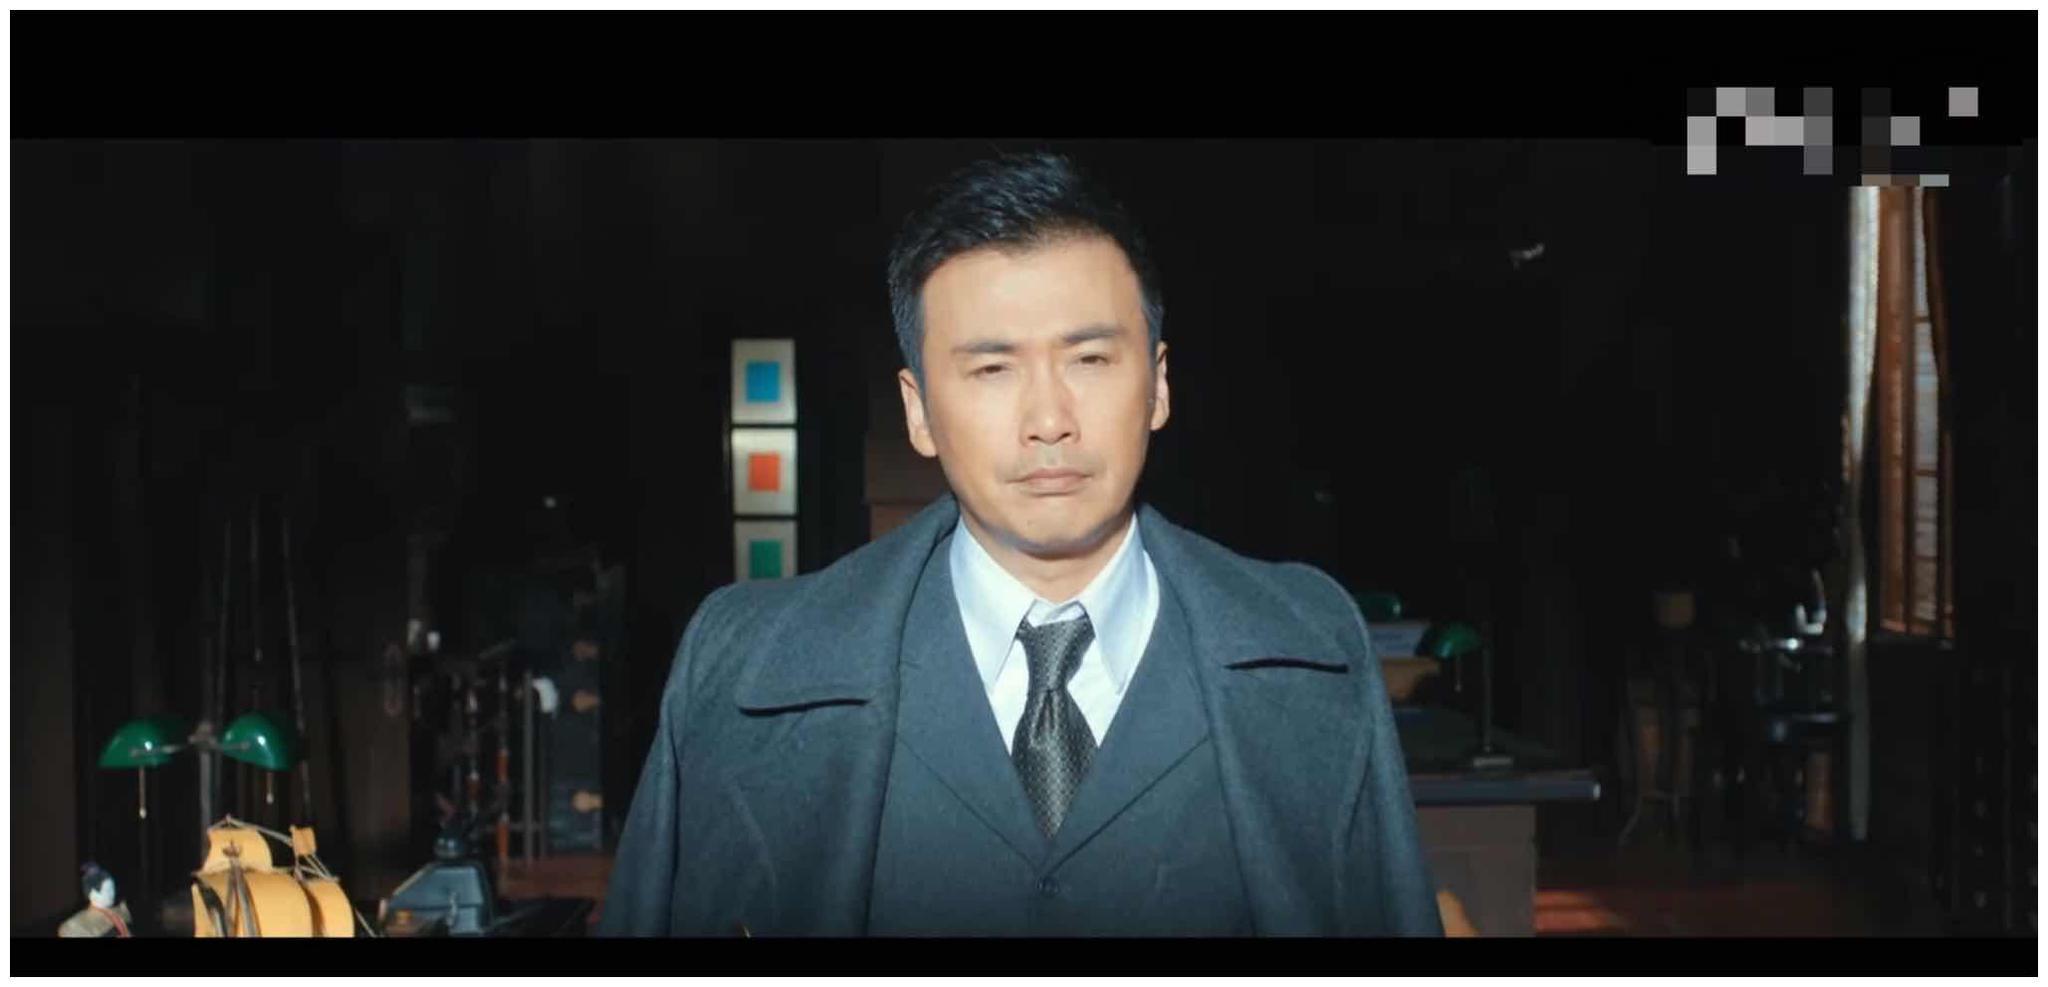 胜算:片子被禁五年的真实原因,用韩国演员都只是小儿科的借口